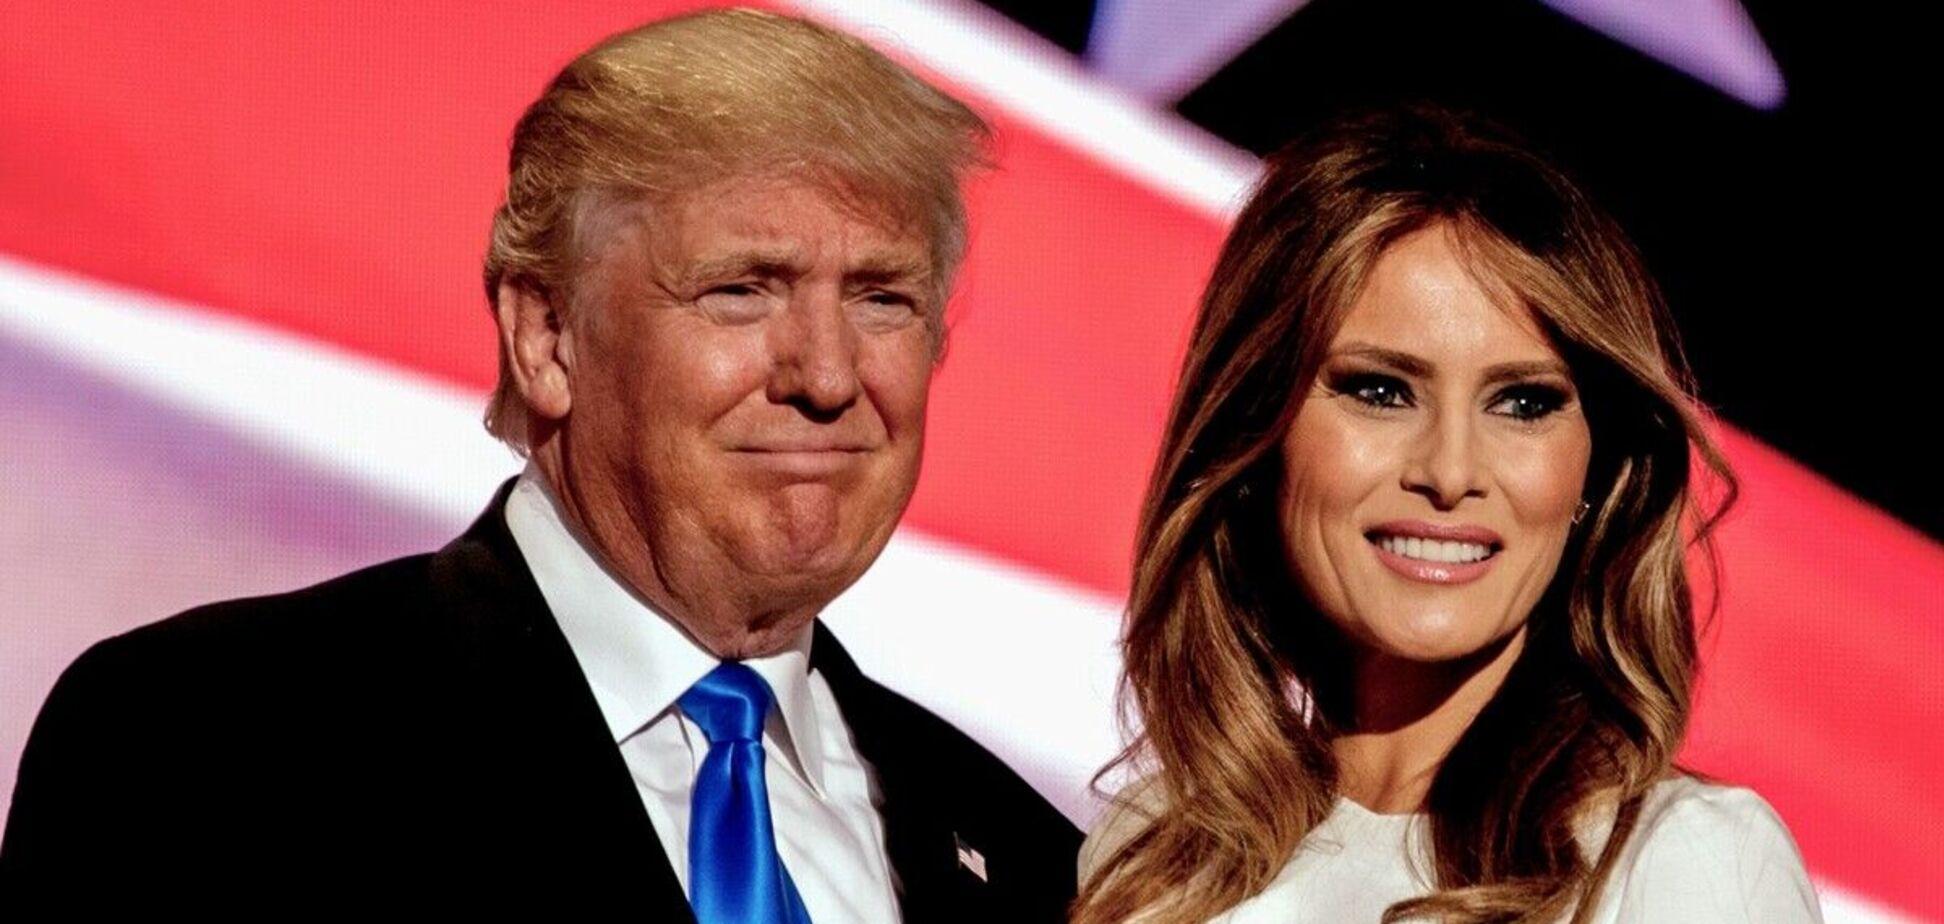 Дональд Трамп с супругой Меланией находятся на грани развода – СМИ